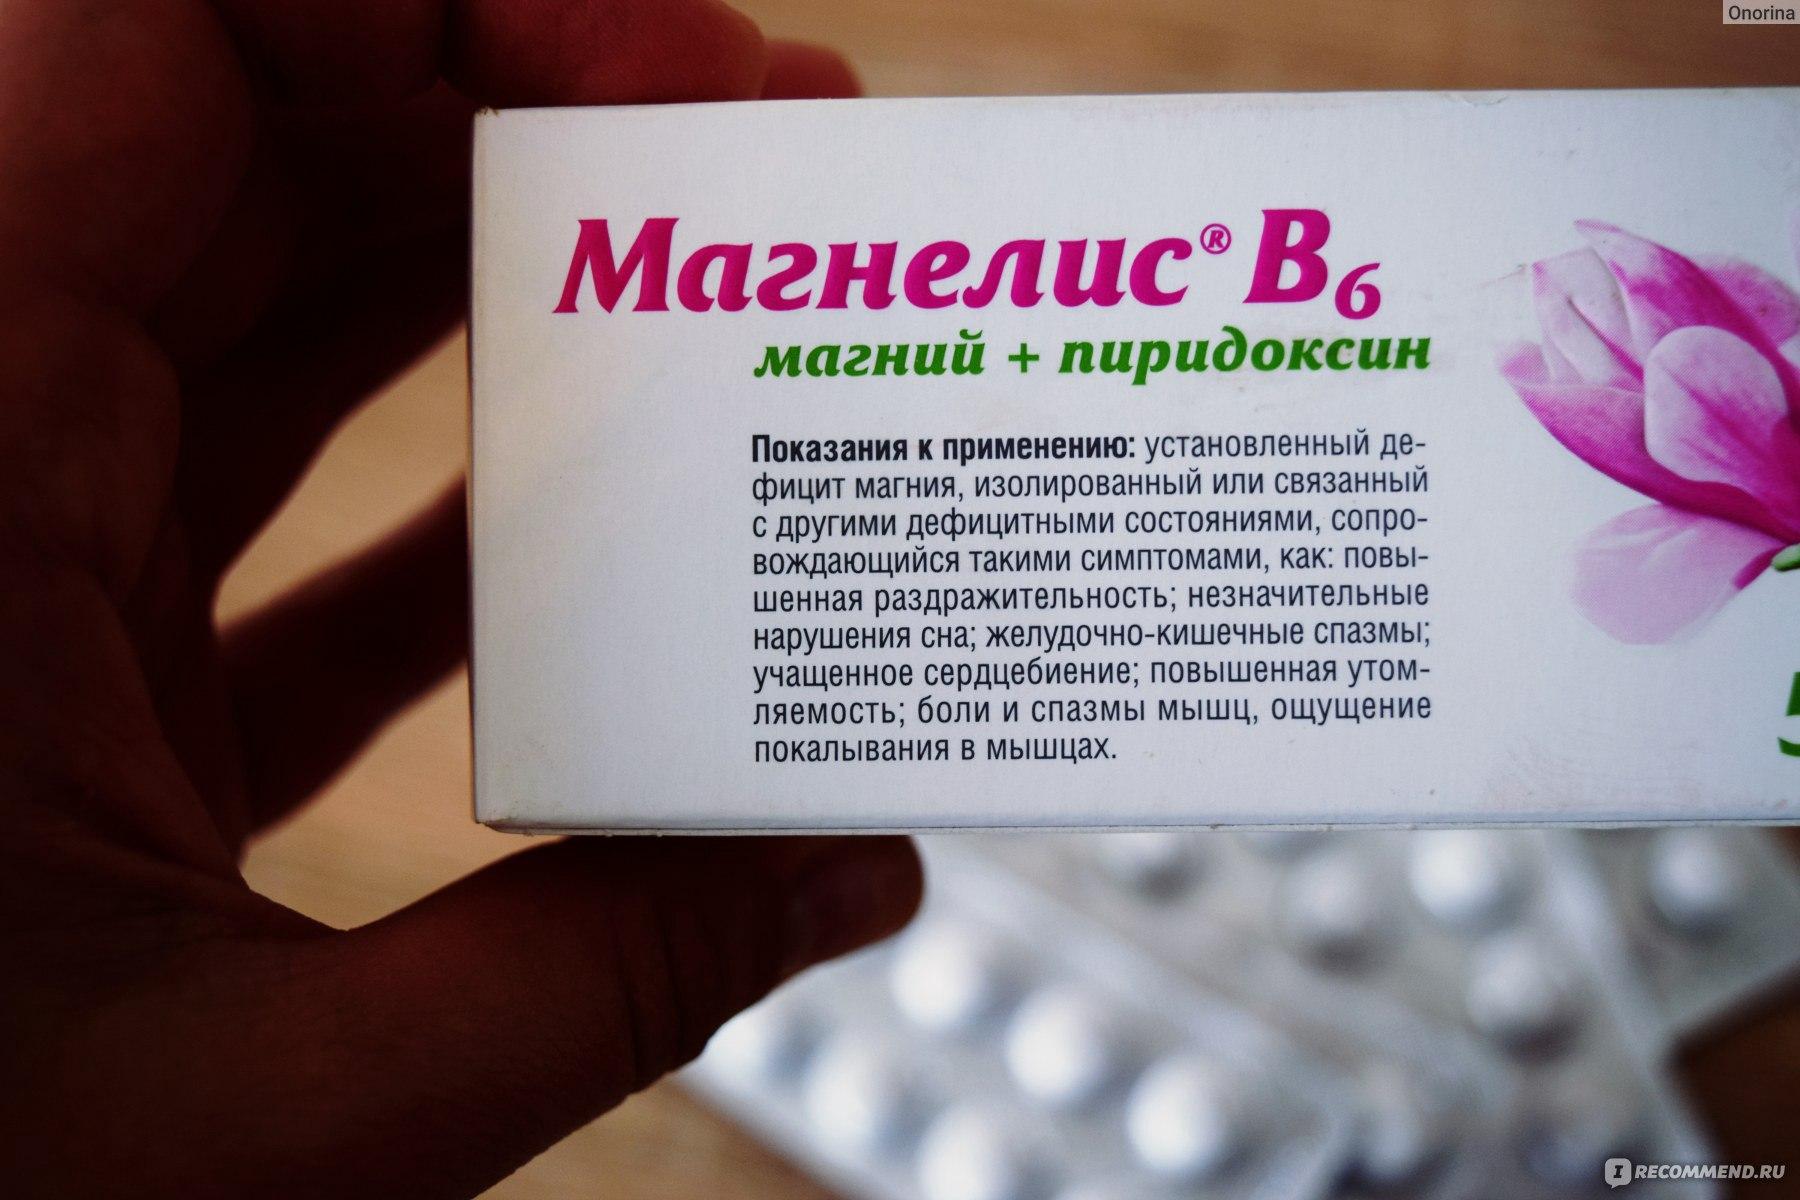 Чем отличается препарат магнелис от магнелиса форте | в чем разница